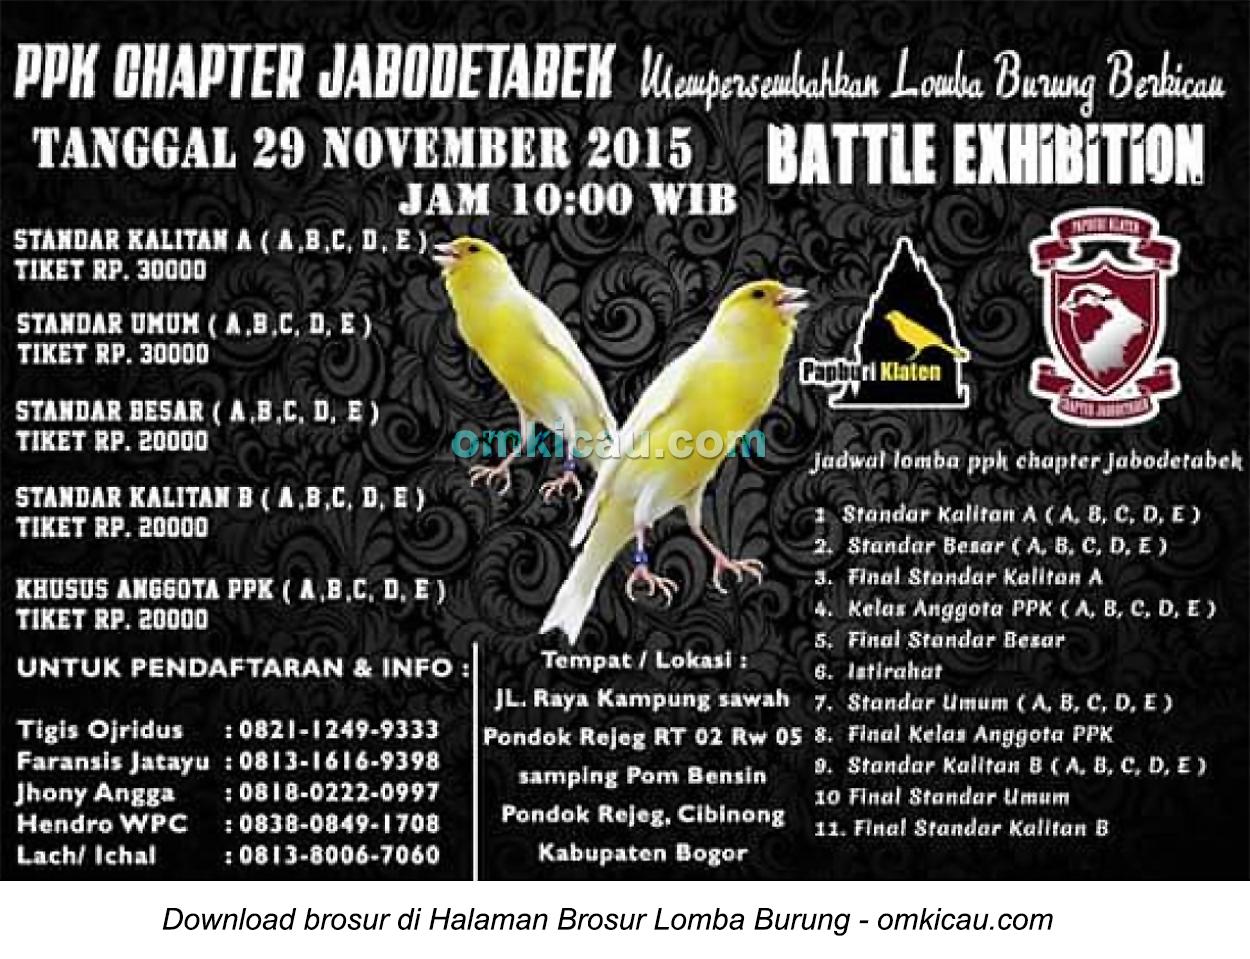 Brosur Lomba Burung Berkicau PPK Chapter Jabodetabek, Bogor, 29 November 2015